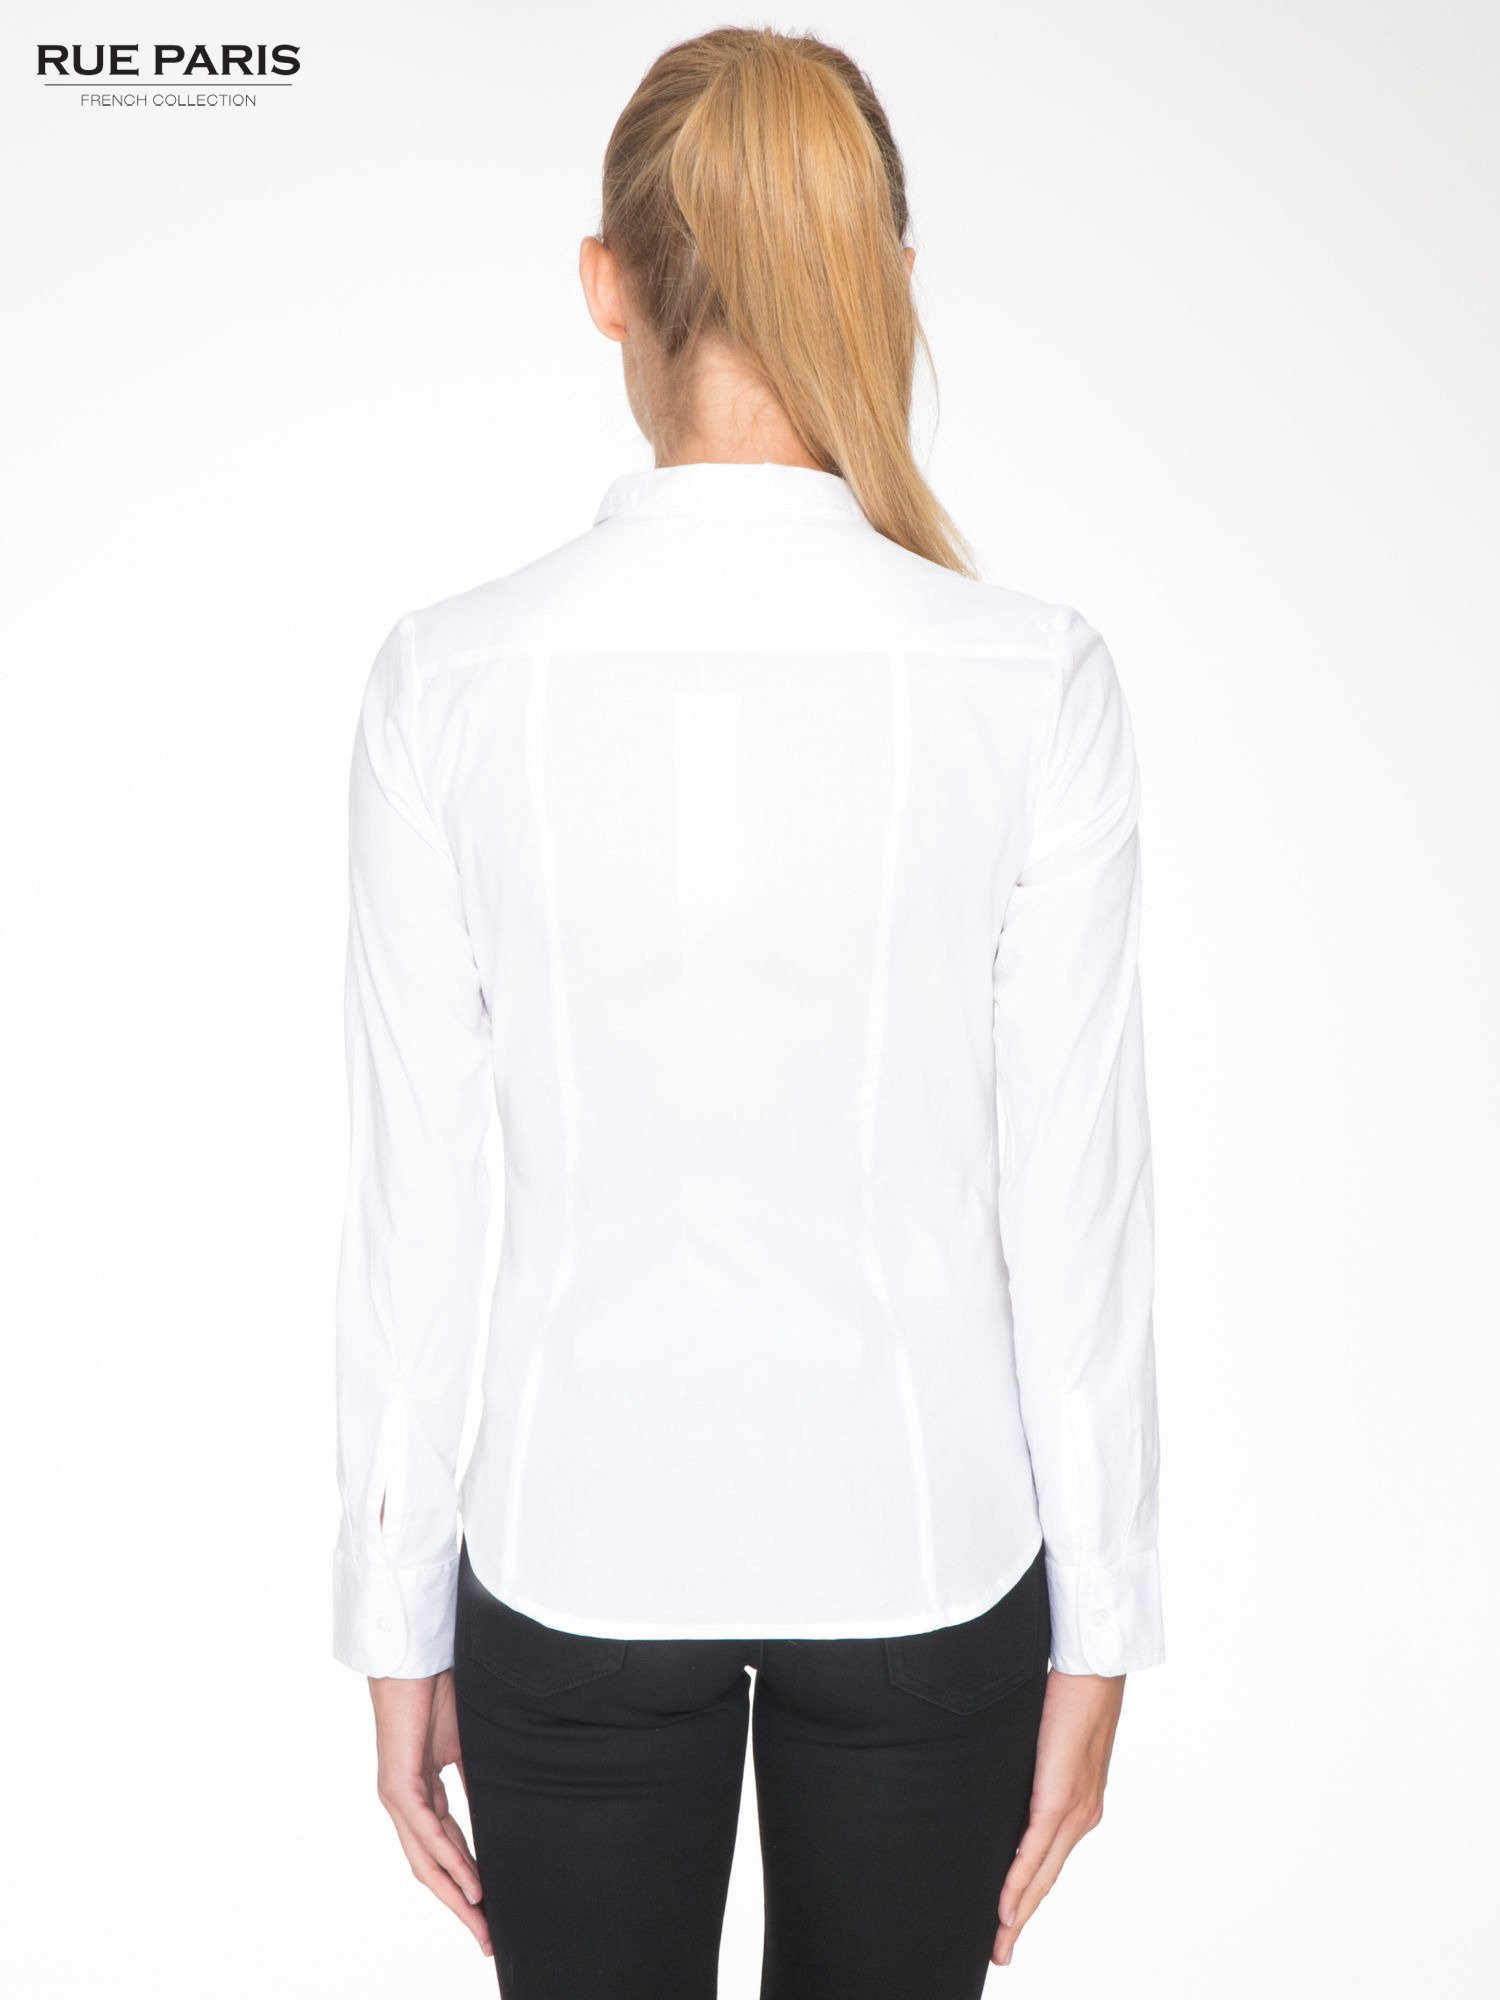 Biała elegancka koszula damska z krytą listwą                                  zdj.                                  4